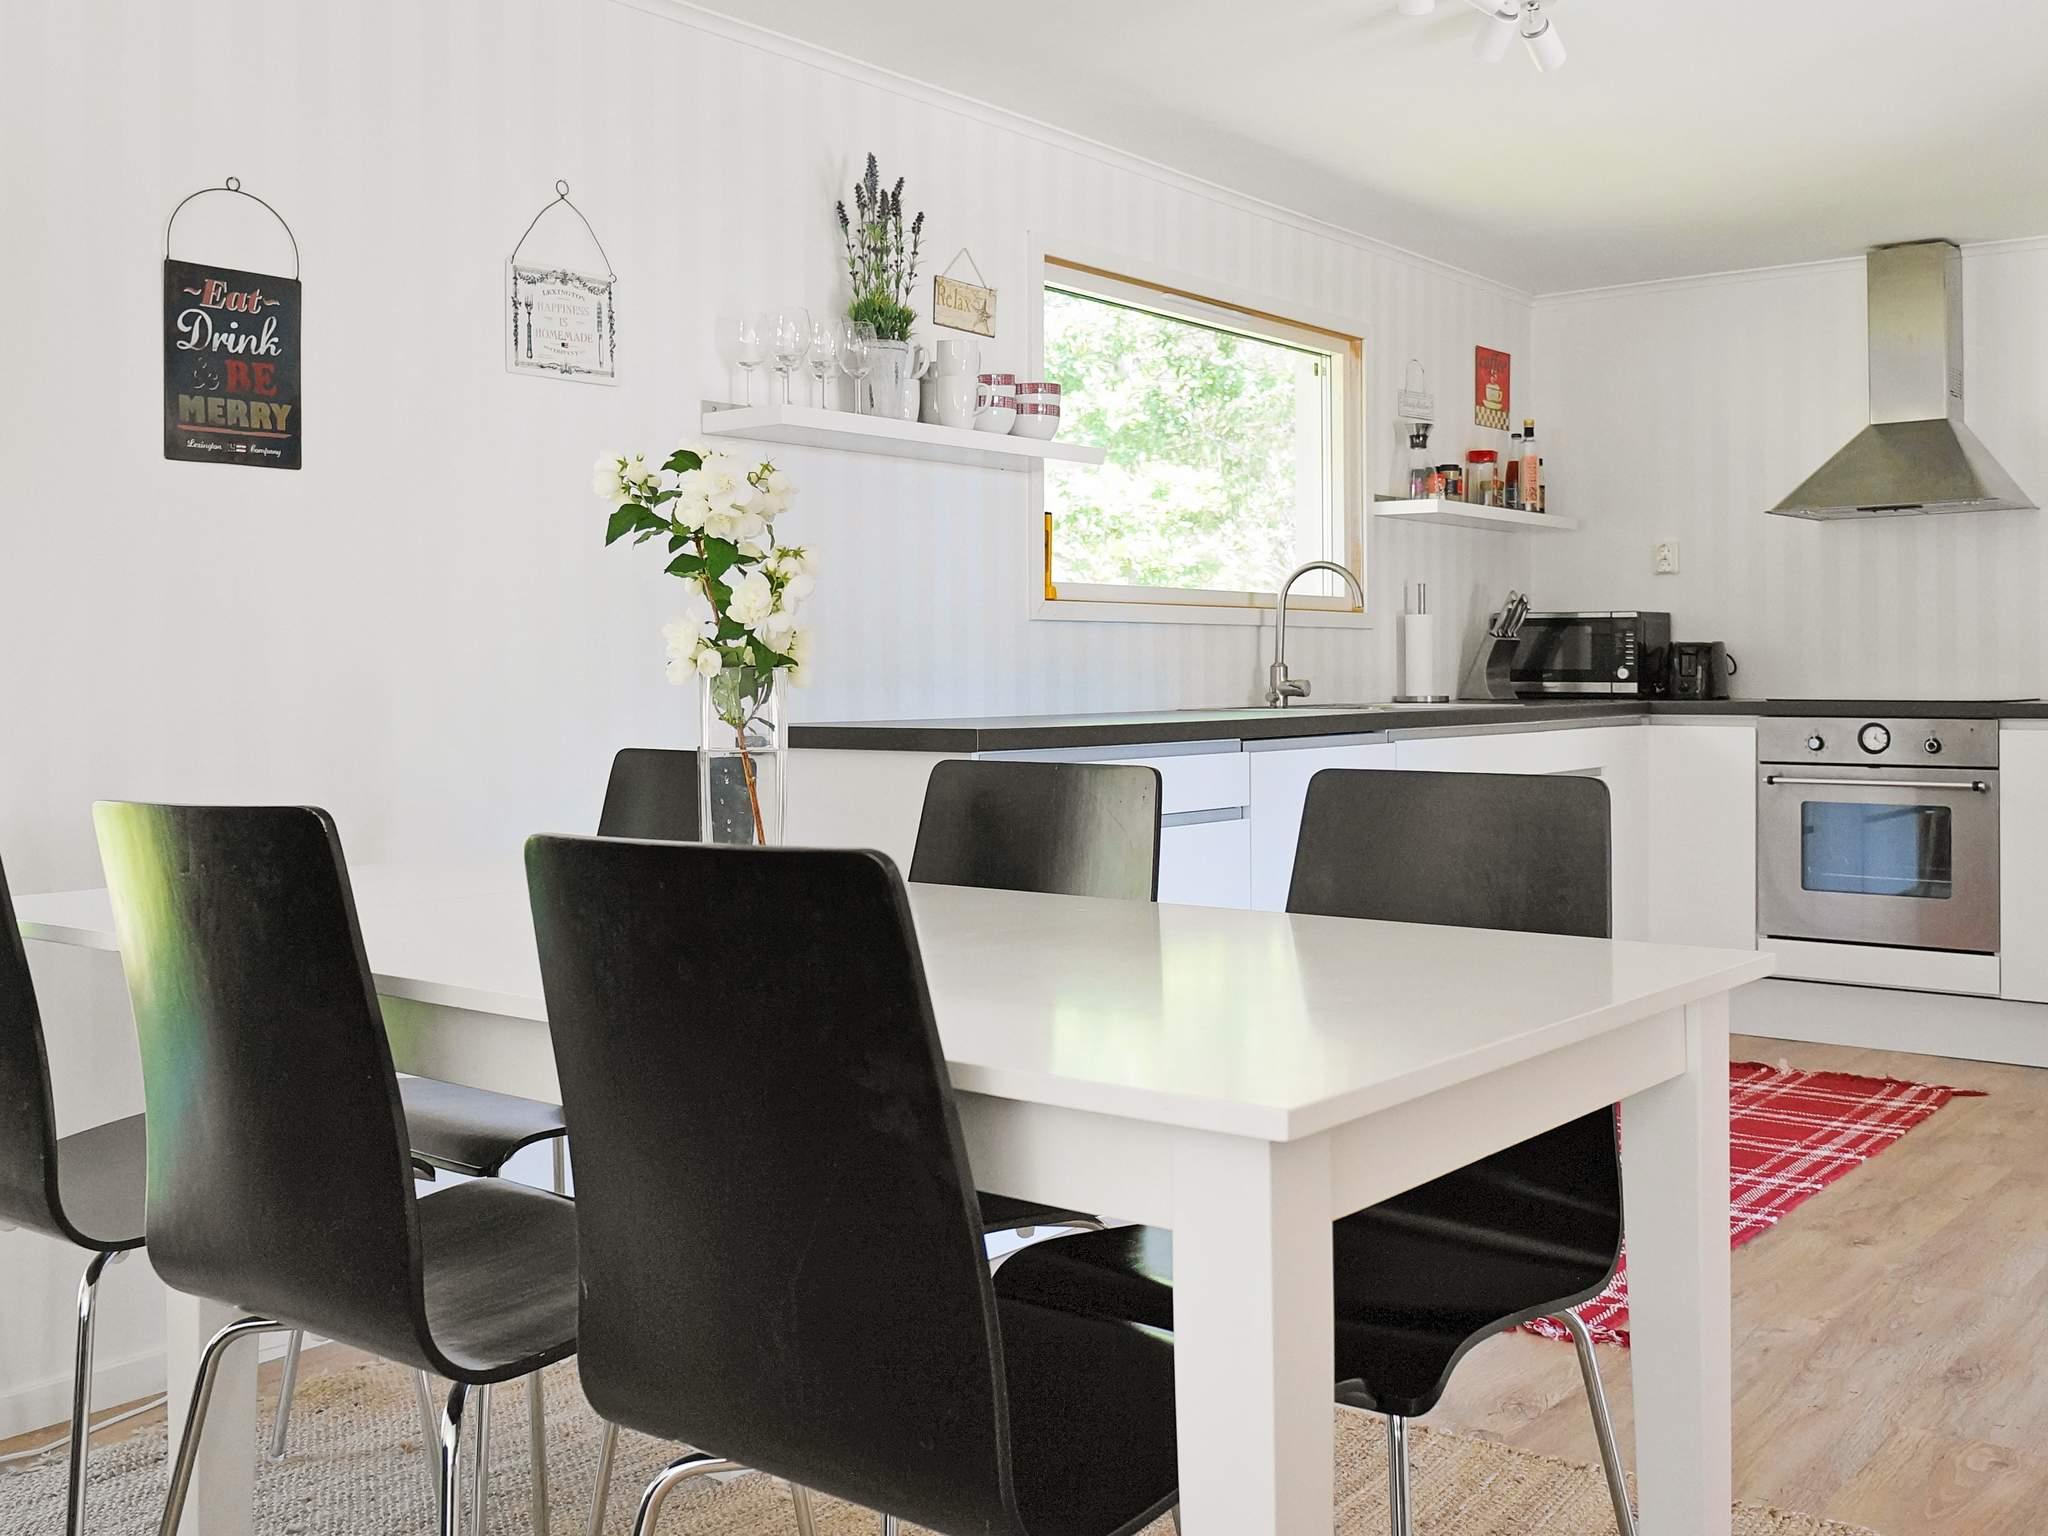 Ferienhaus Tjörn/Hakenäset (963493), Hakenäset, Tjörn, Westschweden, Schweden, Bild 2